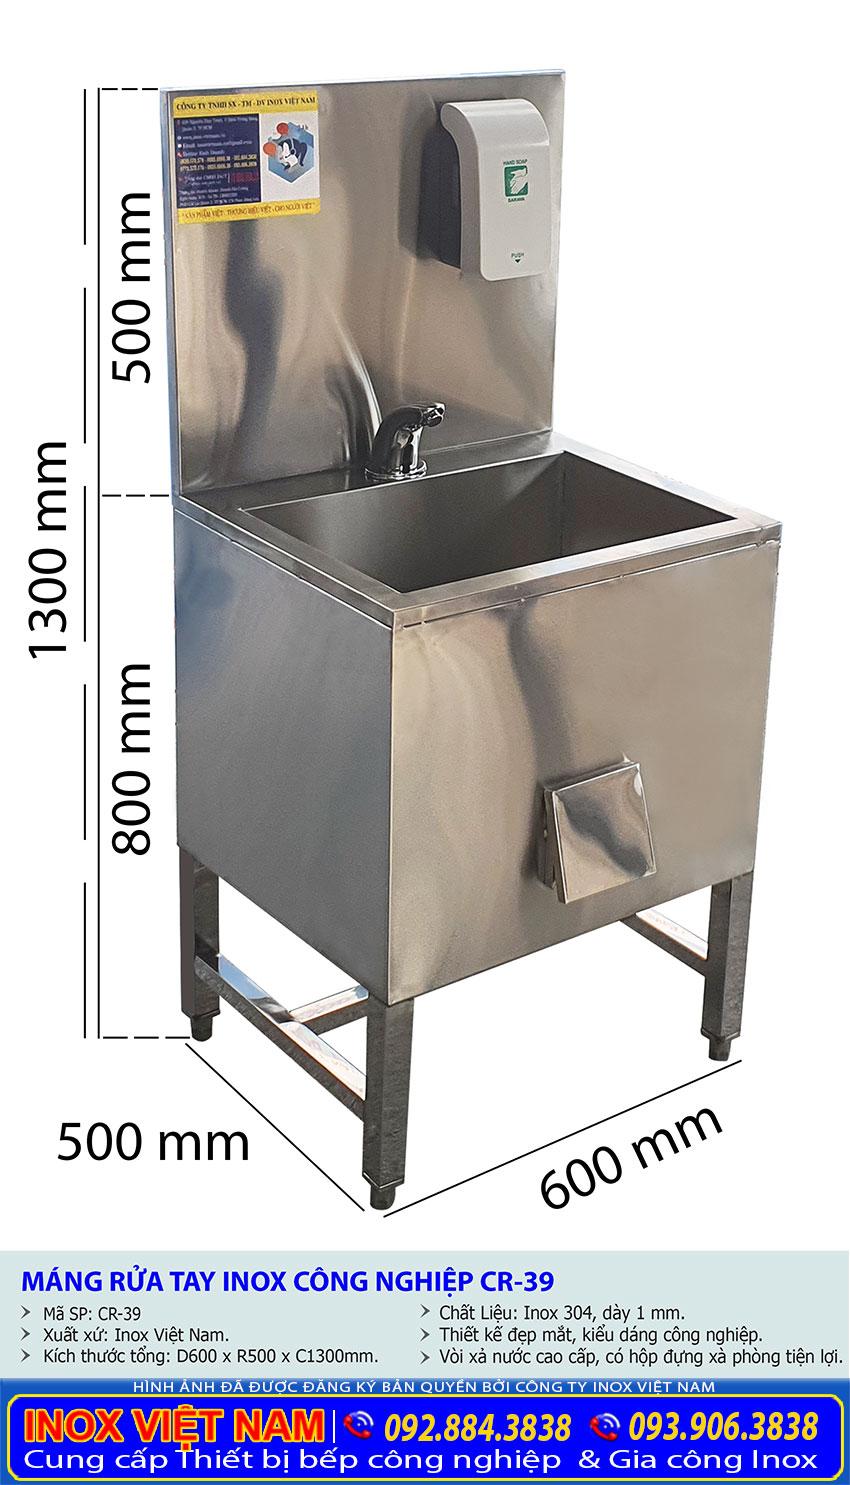 Kích thước tổng thể về bồn rửa tay inox 304 CR-39